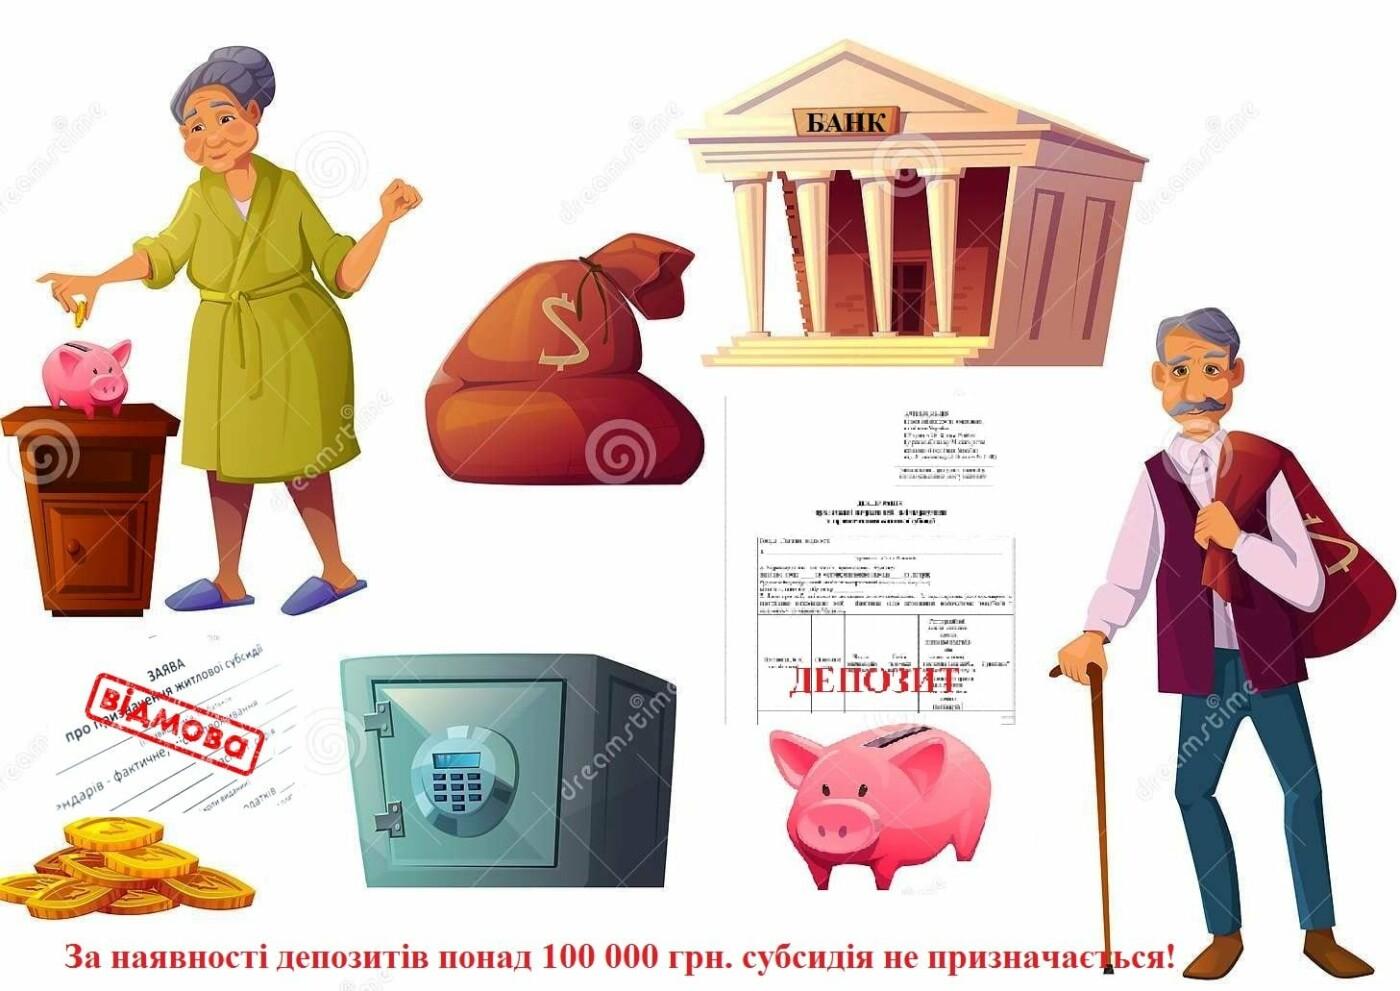 Інформація для сумчан: чи впливає наявність депозитів на призначення субсидії?, фото-1